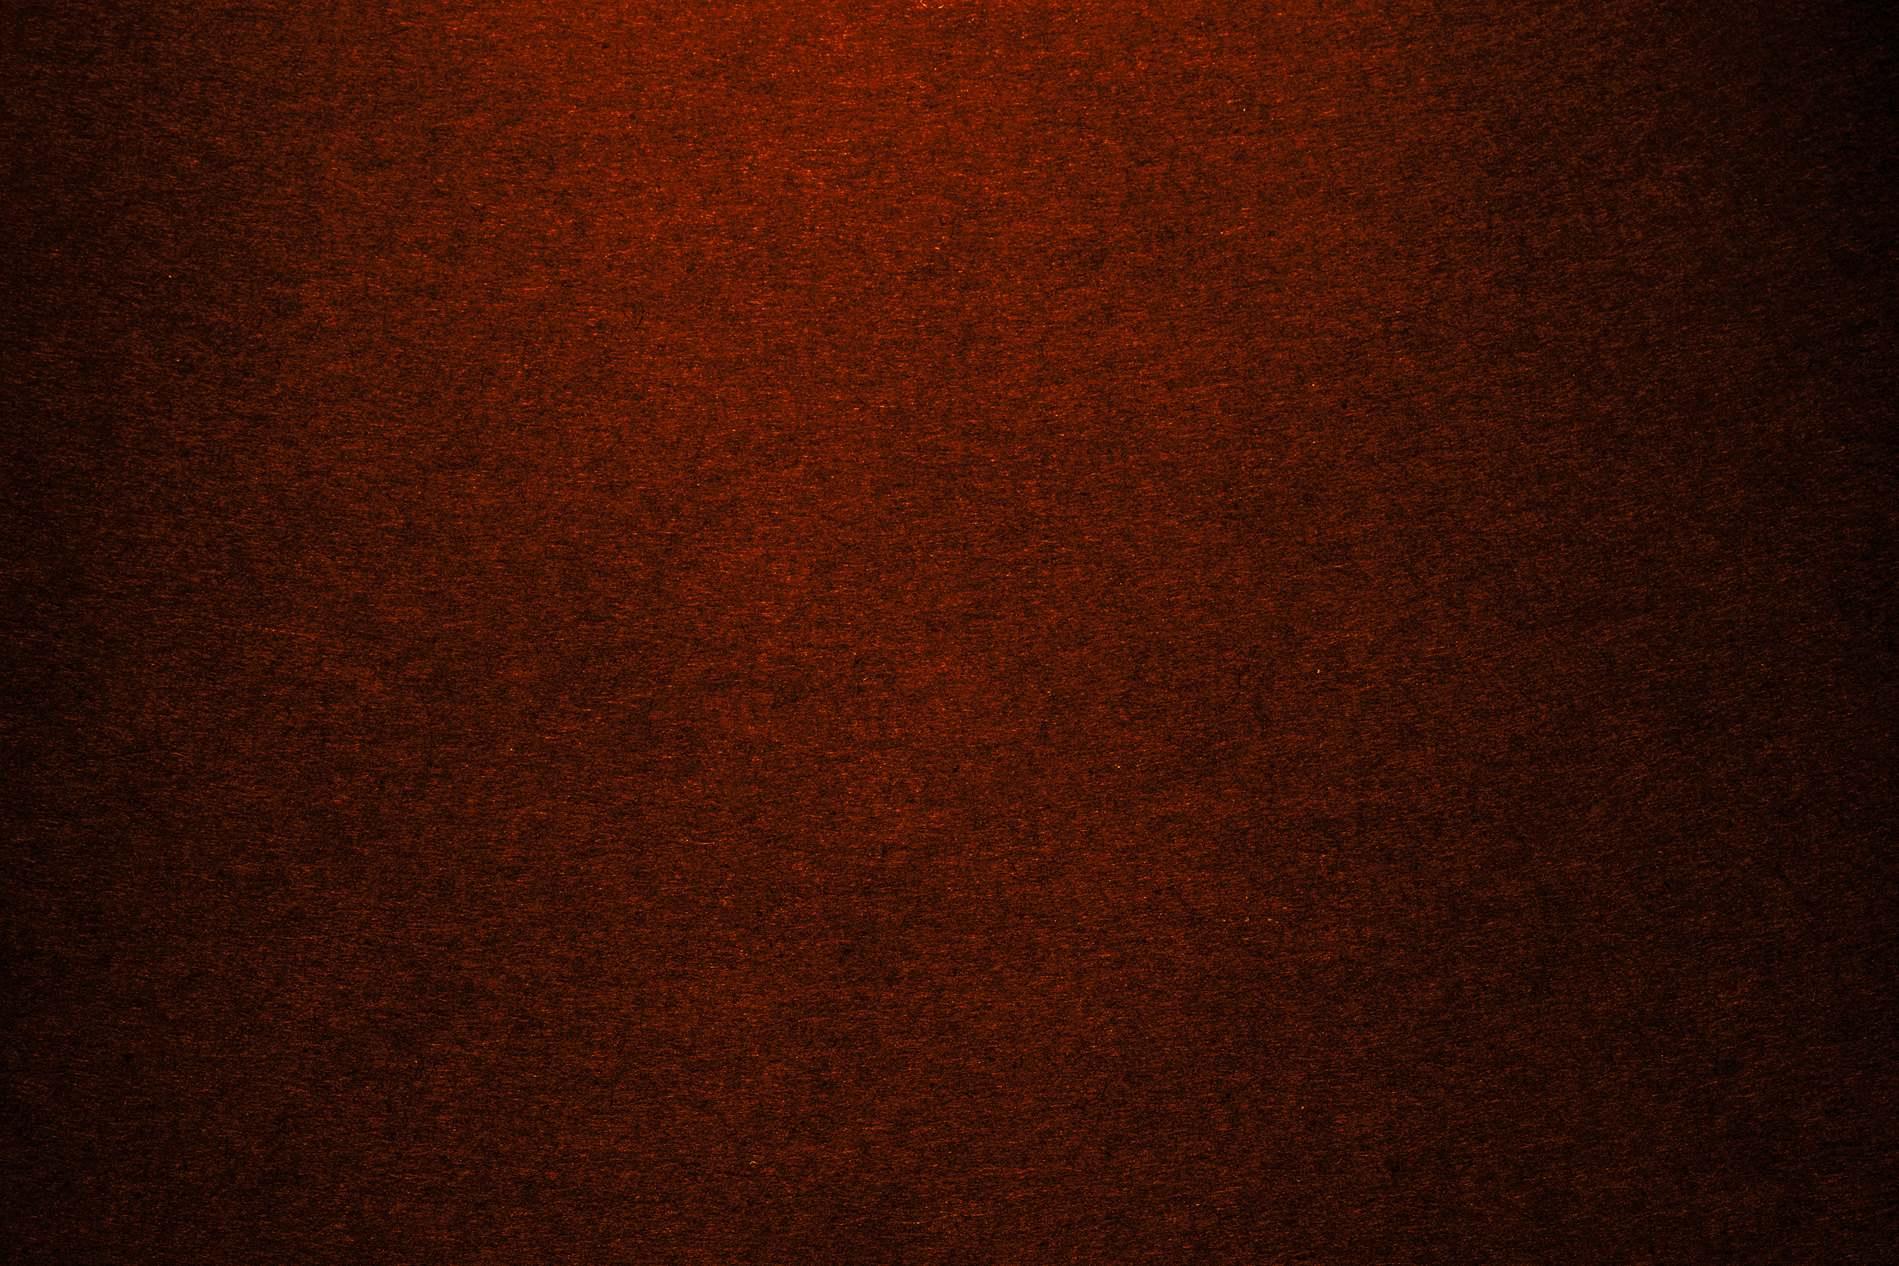 vintage-clean-dark-brown-texture-background